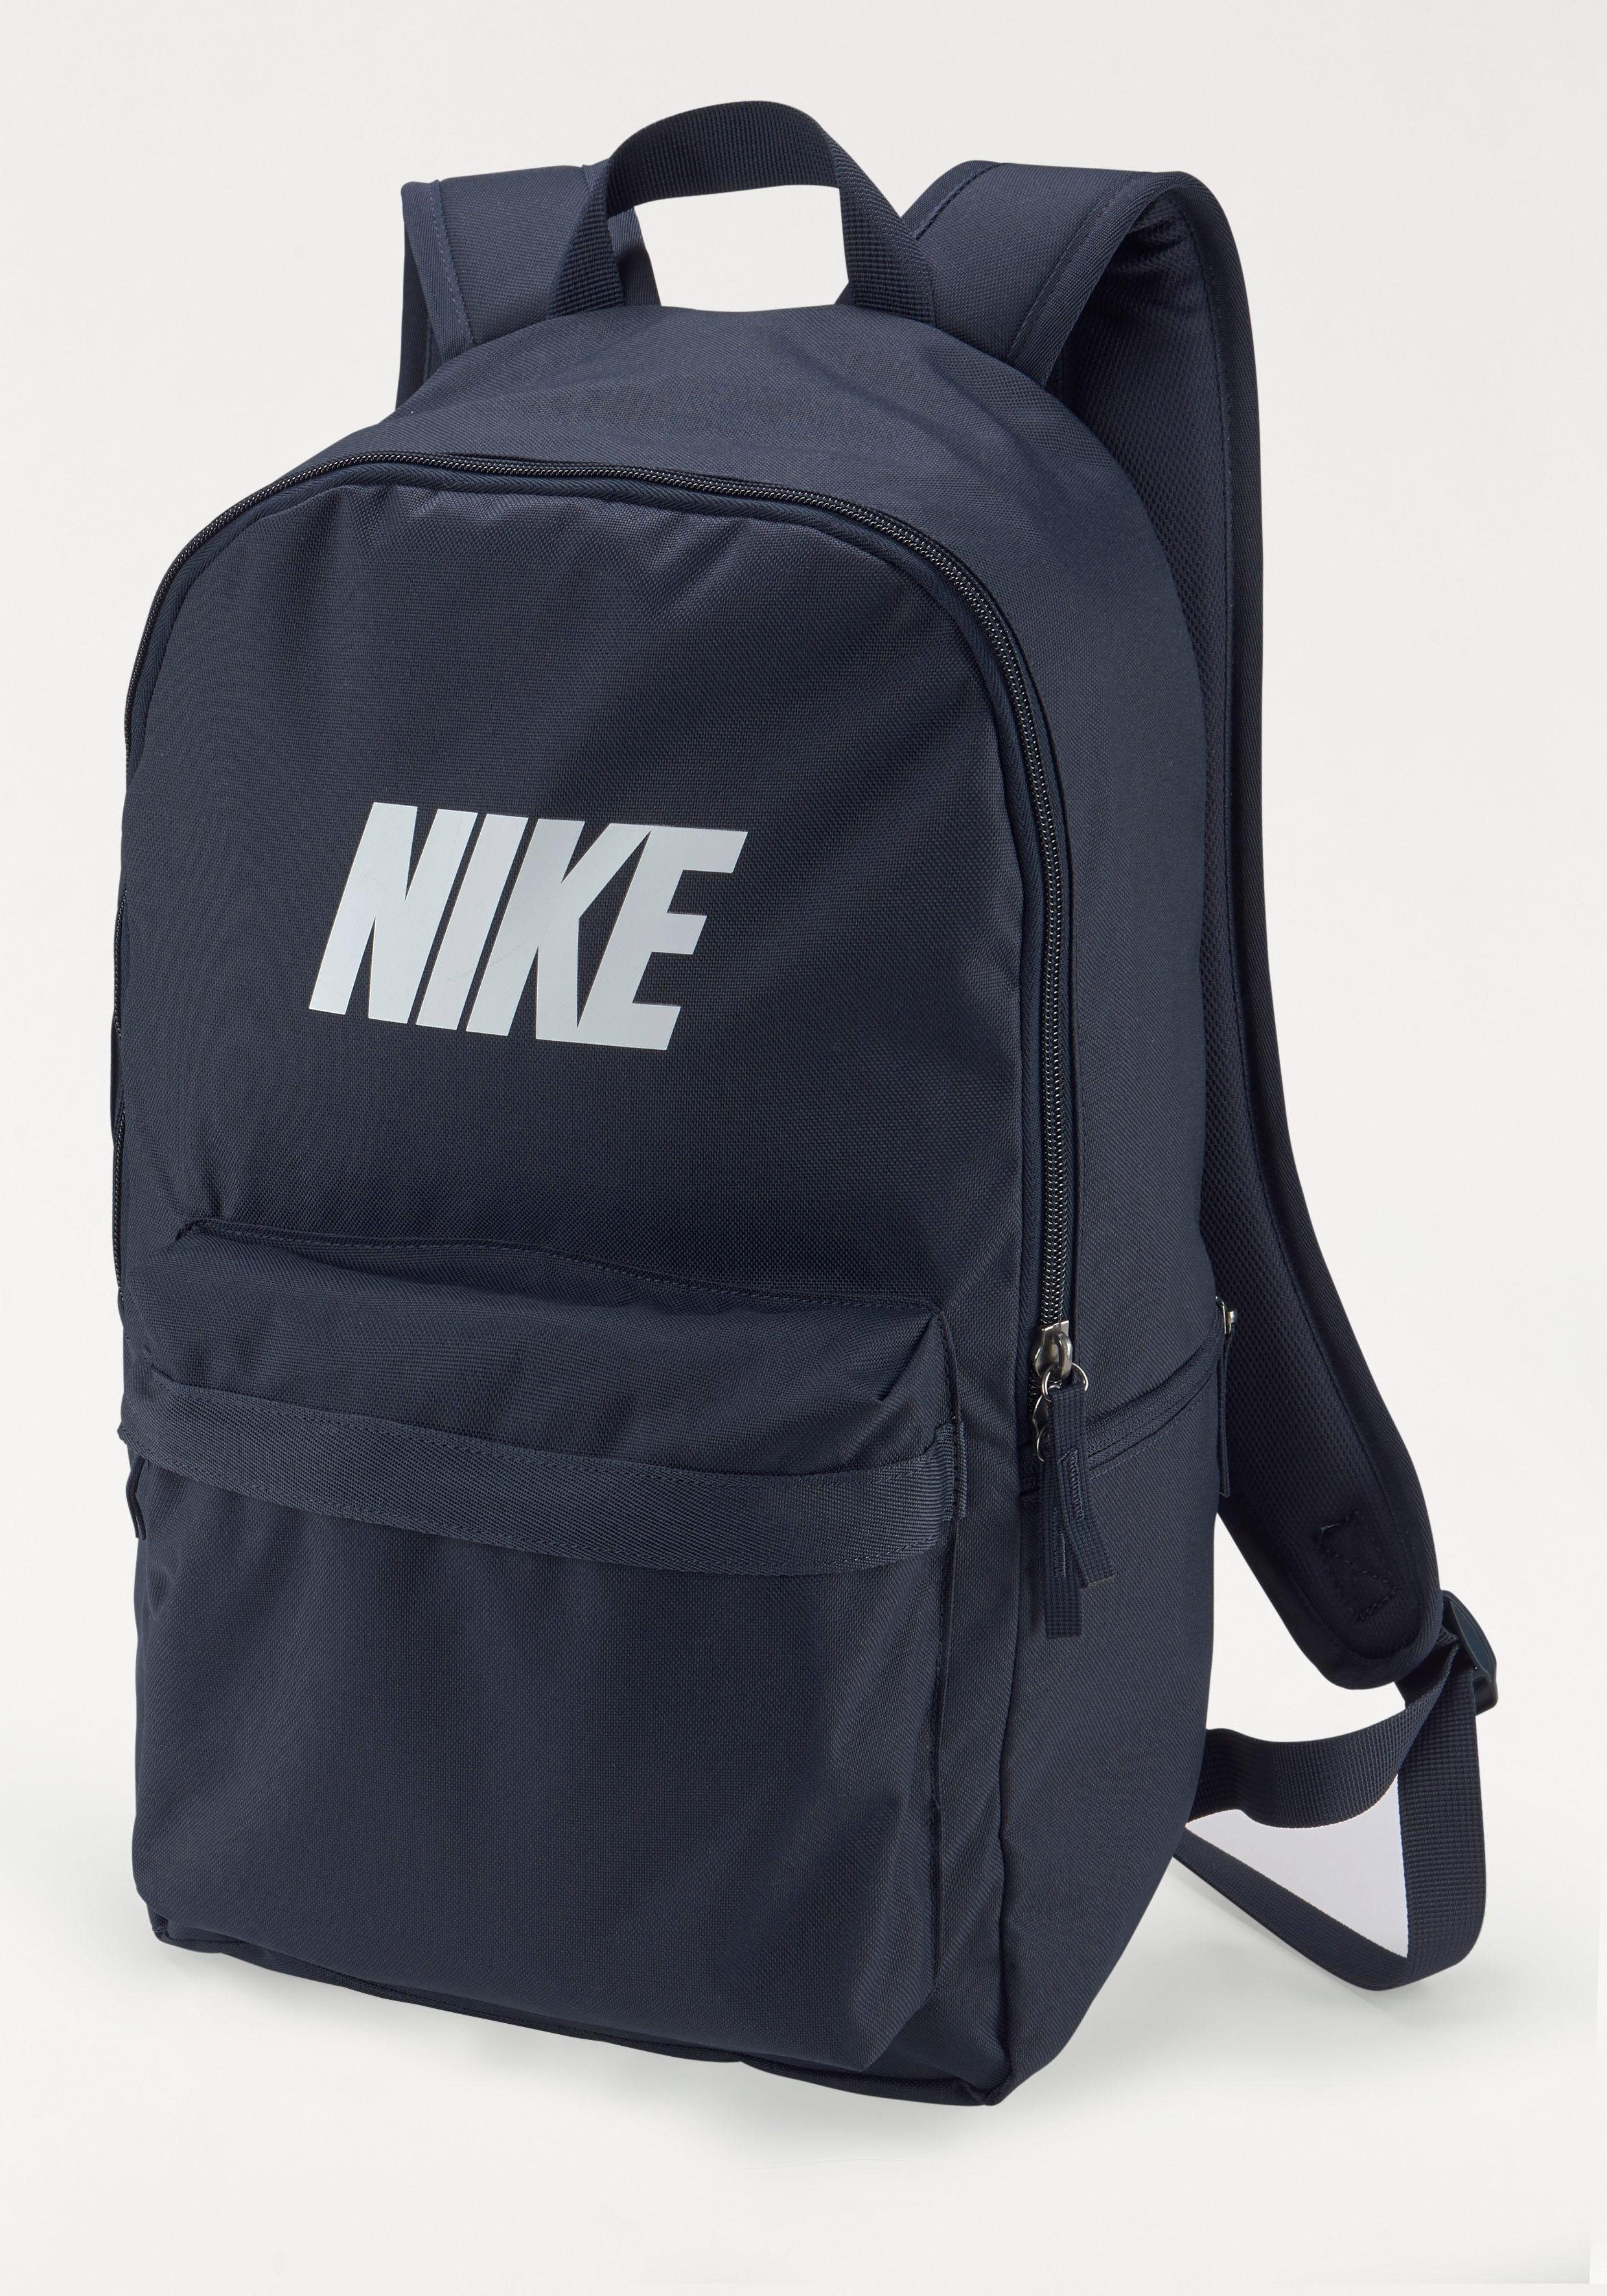 »nk Sportswear Sportrucksack Nike Heritage Kaufen BkpkBlock« Online m8yOn0wvN